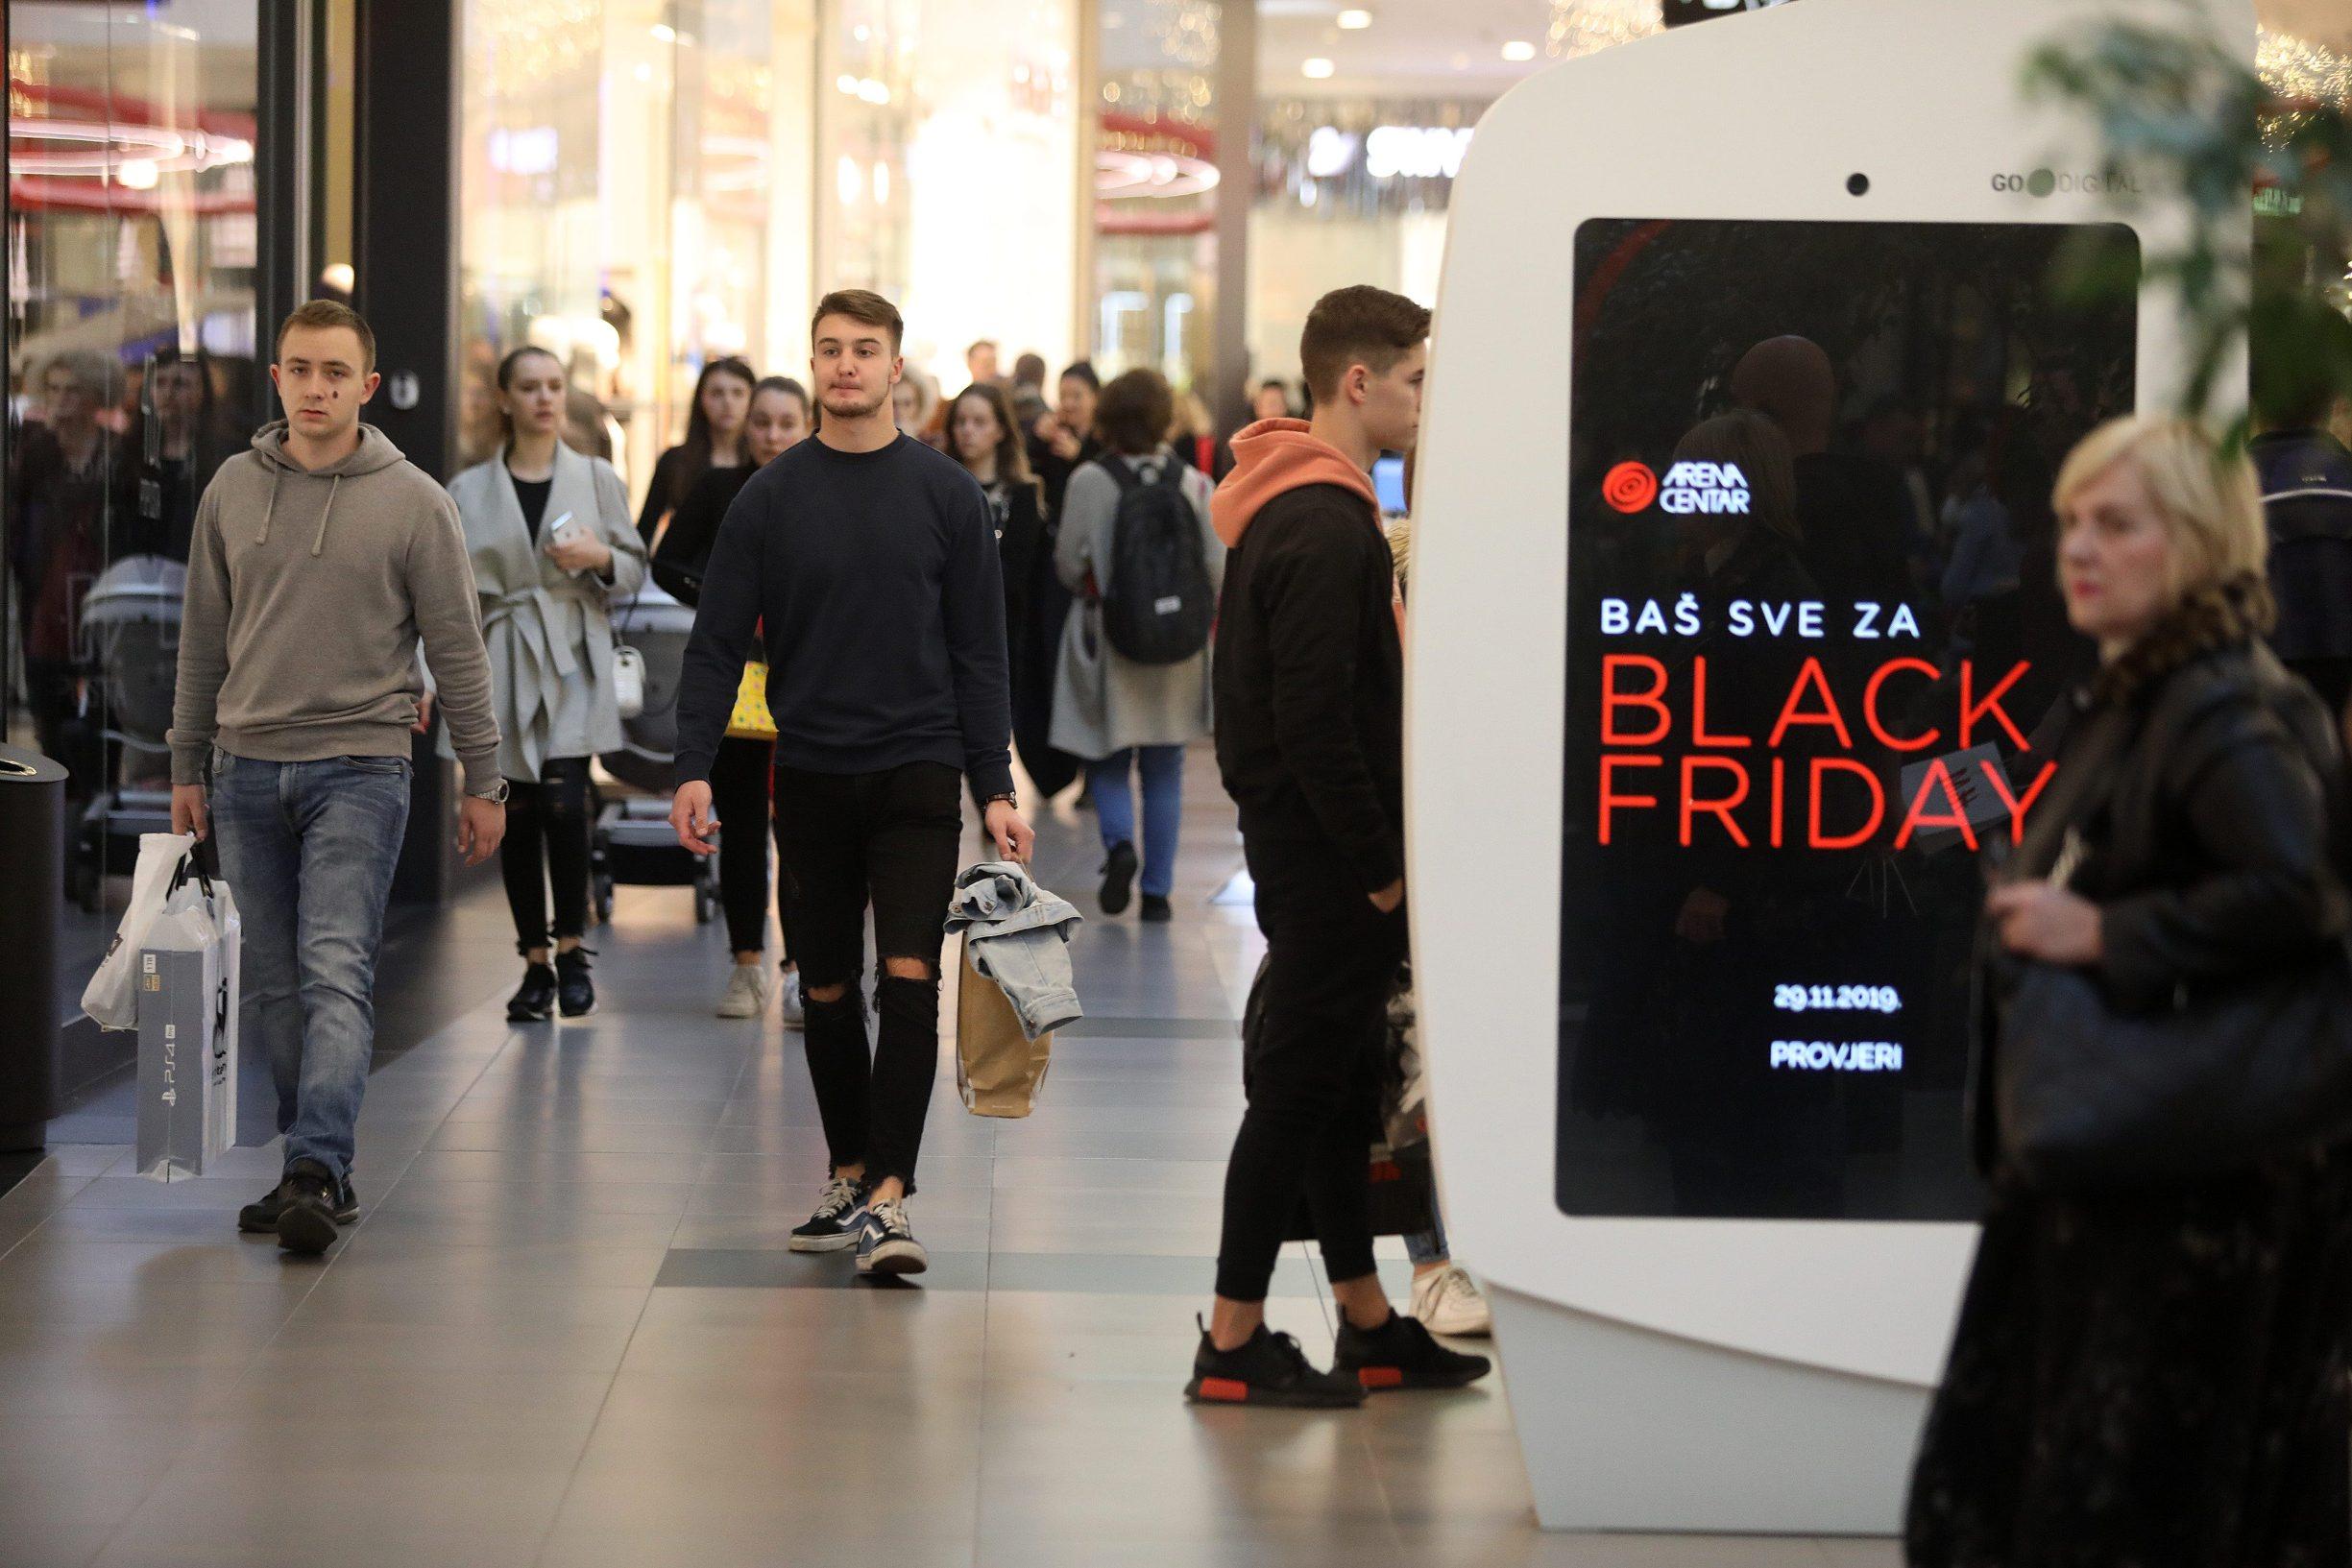 Zagreb, 291119. Black Friday u Arena centru. Black friday je tradicija kupovine i posebnih ponuda koja nam dolazi iz SAD-a gdje je Black Friday poceo dobivati na popularnosti tijekom 90-ih godina. Rijec je o shopping dogadjanju koji se obiljezava na prvi petak koji slijedi iza americkog blagdana Dan zahvalnosti. Foto: Ranko Suvar / CROPIX